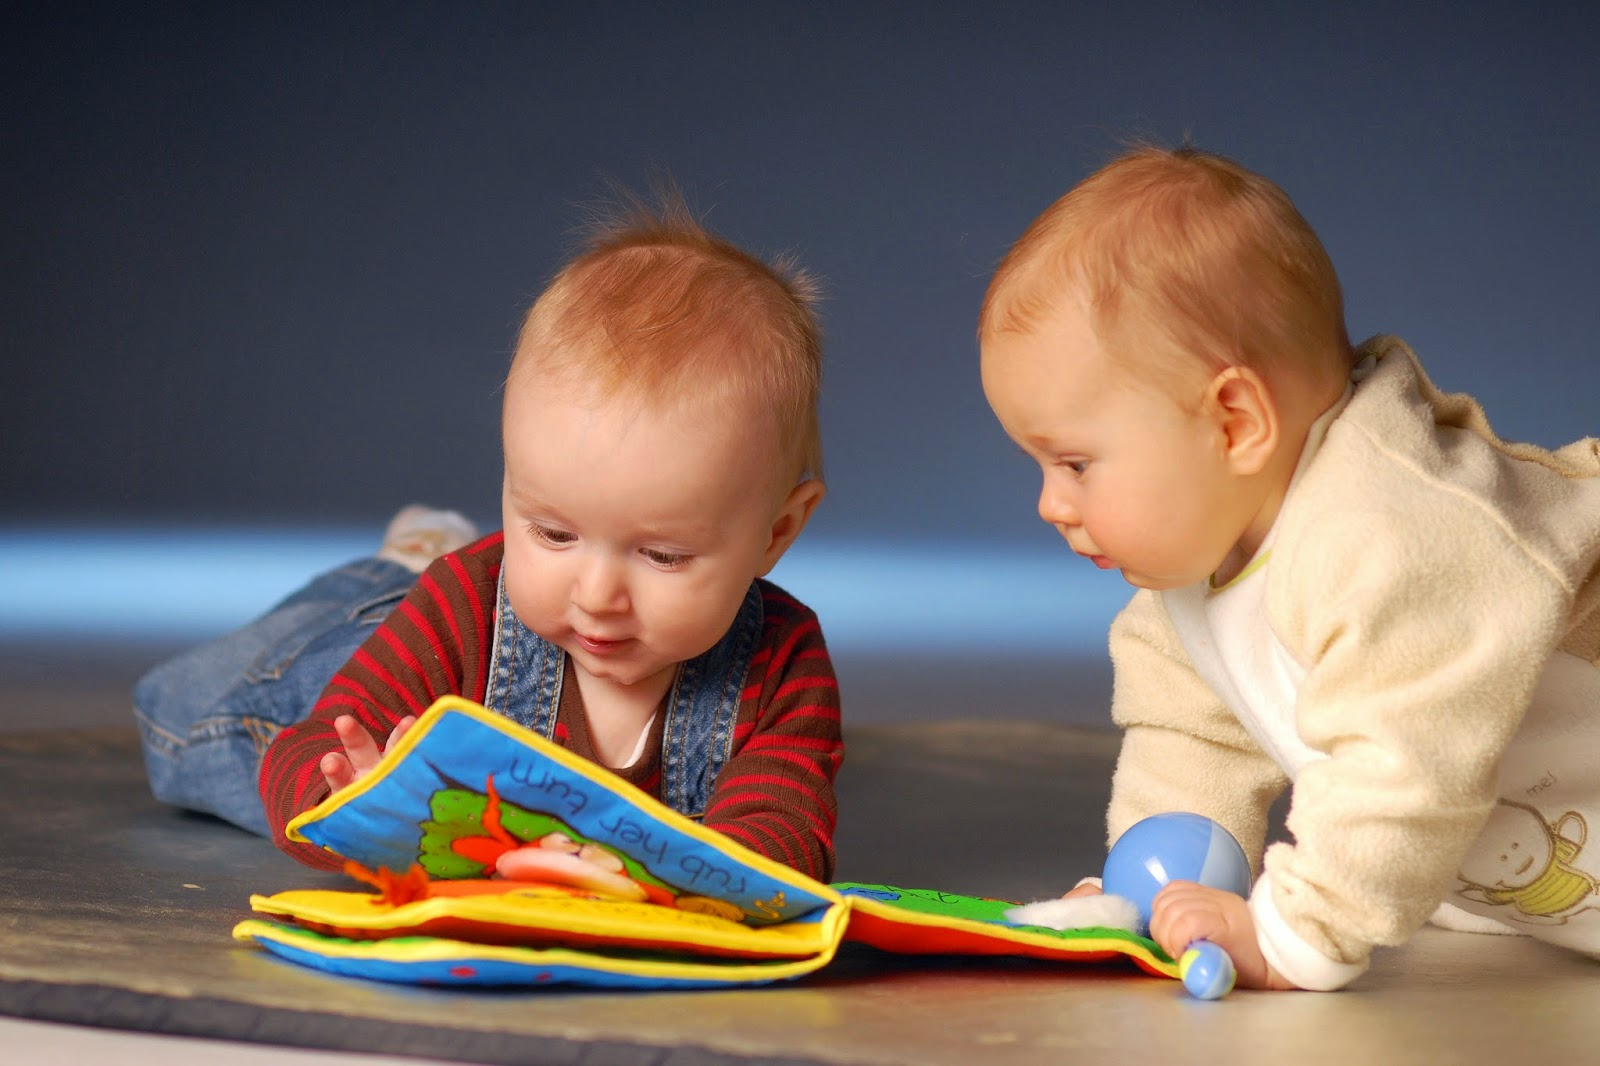 образец рекламы книги для детей